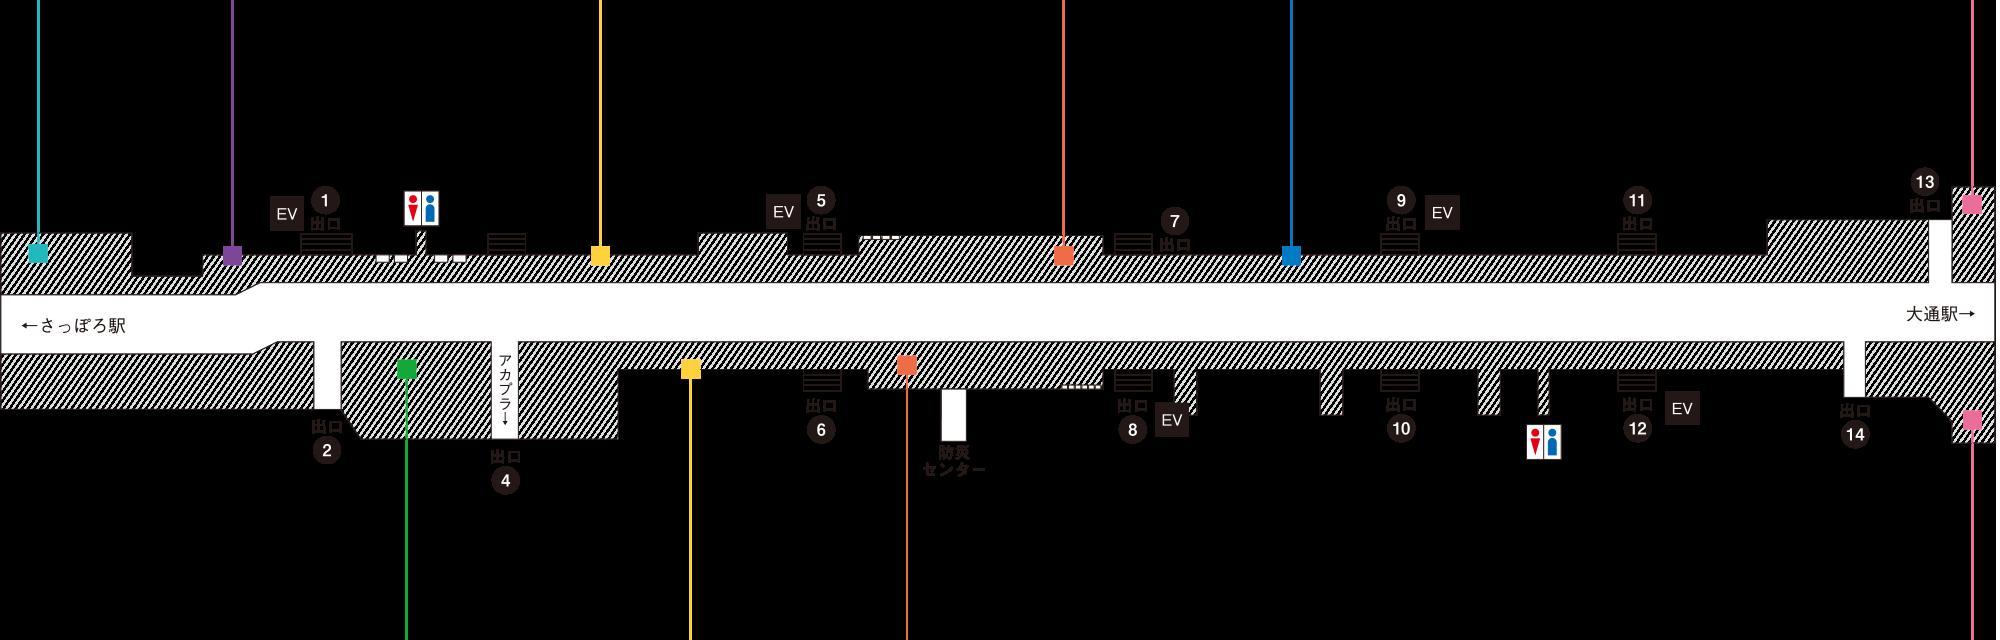 札幌駅前通地下歩行空間チ・カ・ホ - 札幌デザインウィーク - 開催イベントマップ